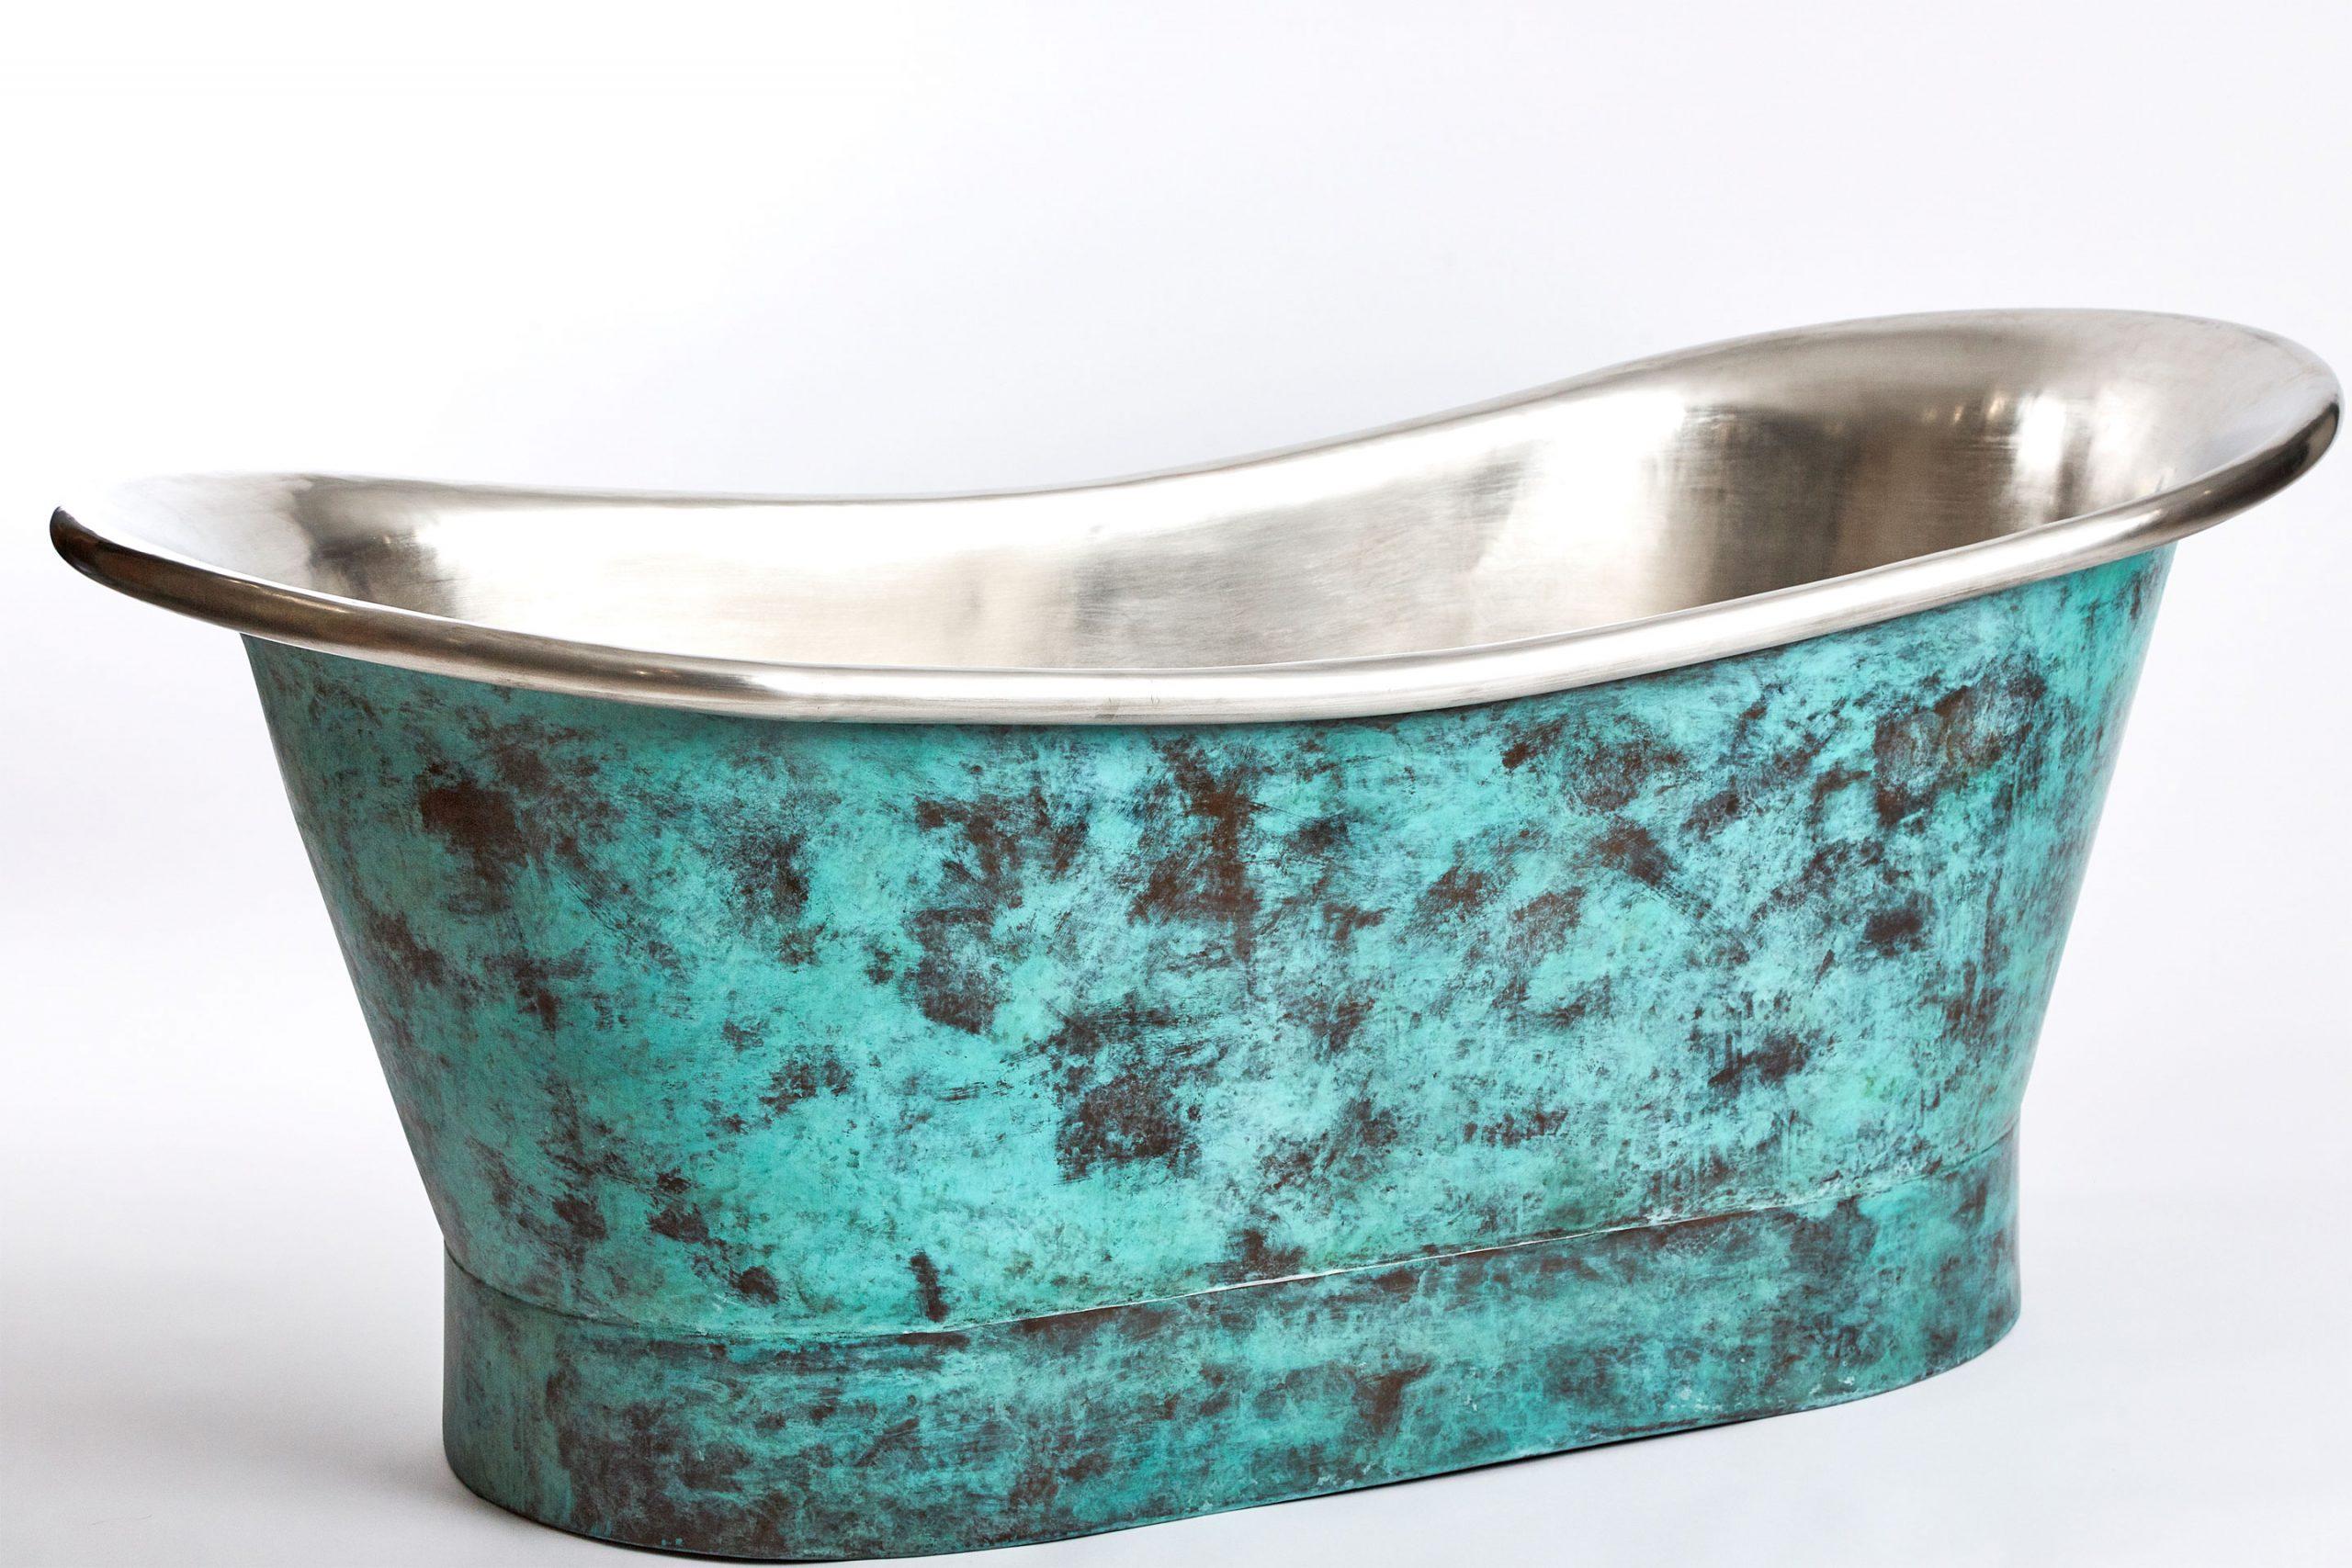 oxidsed-copper-bath-tub